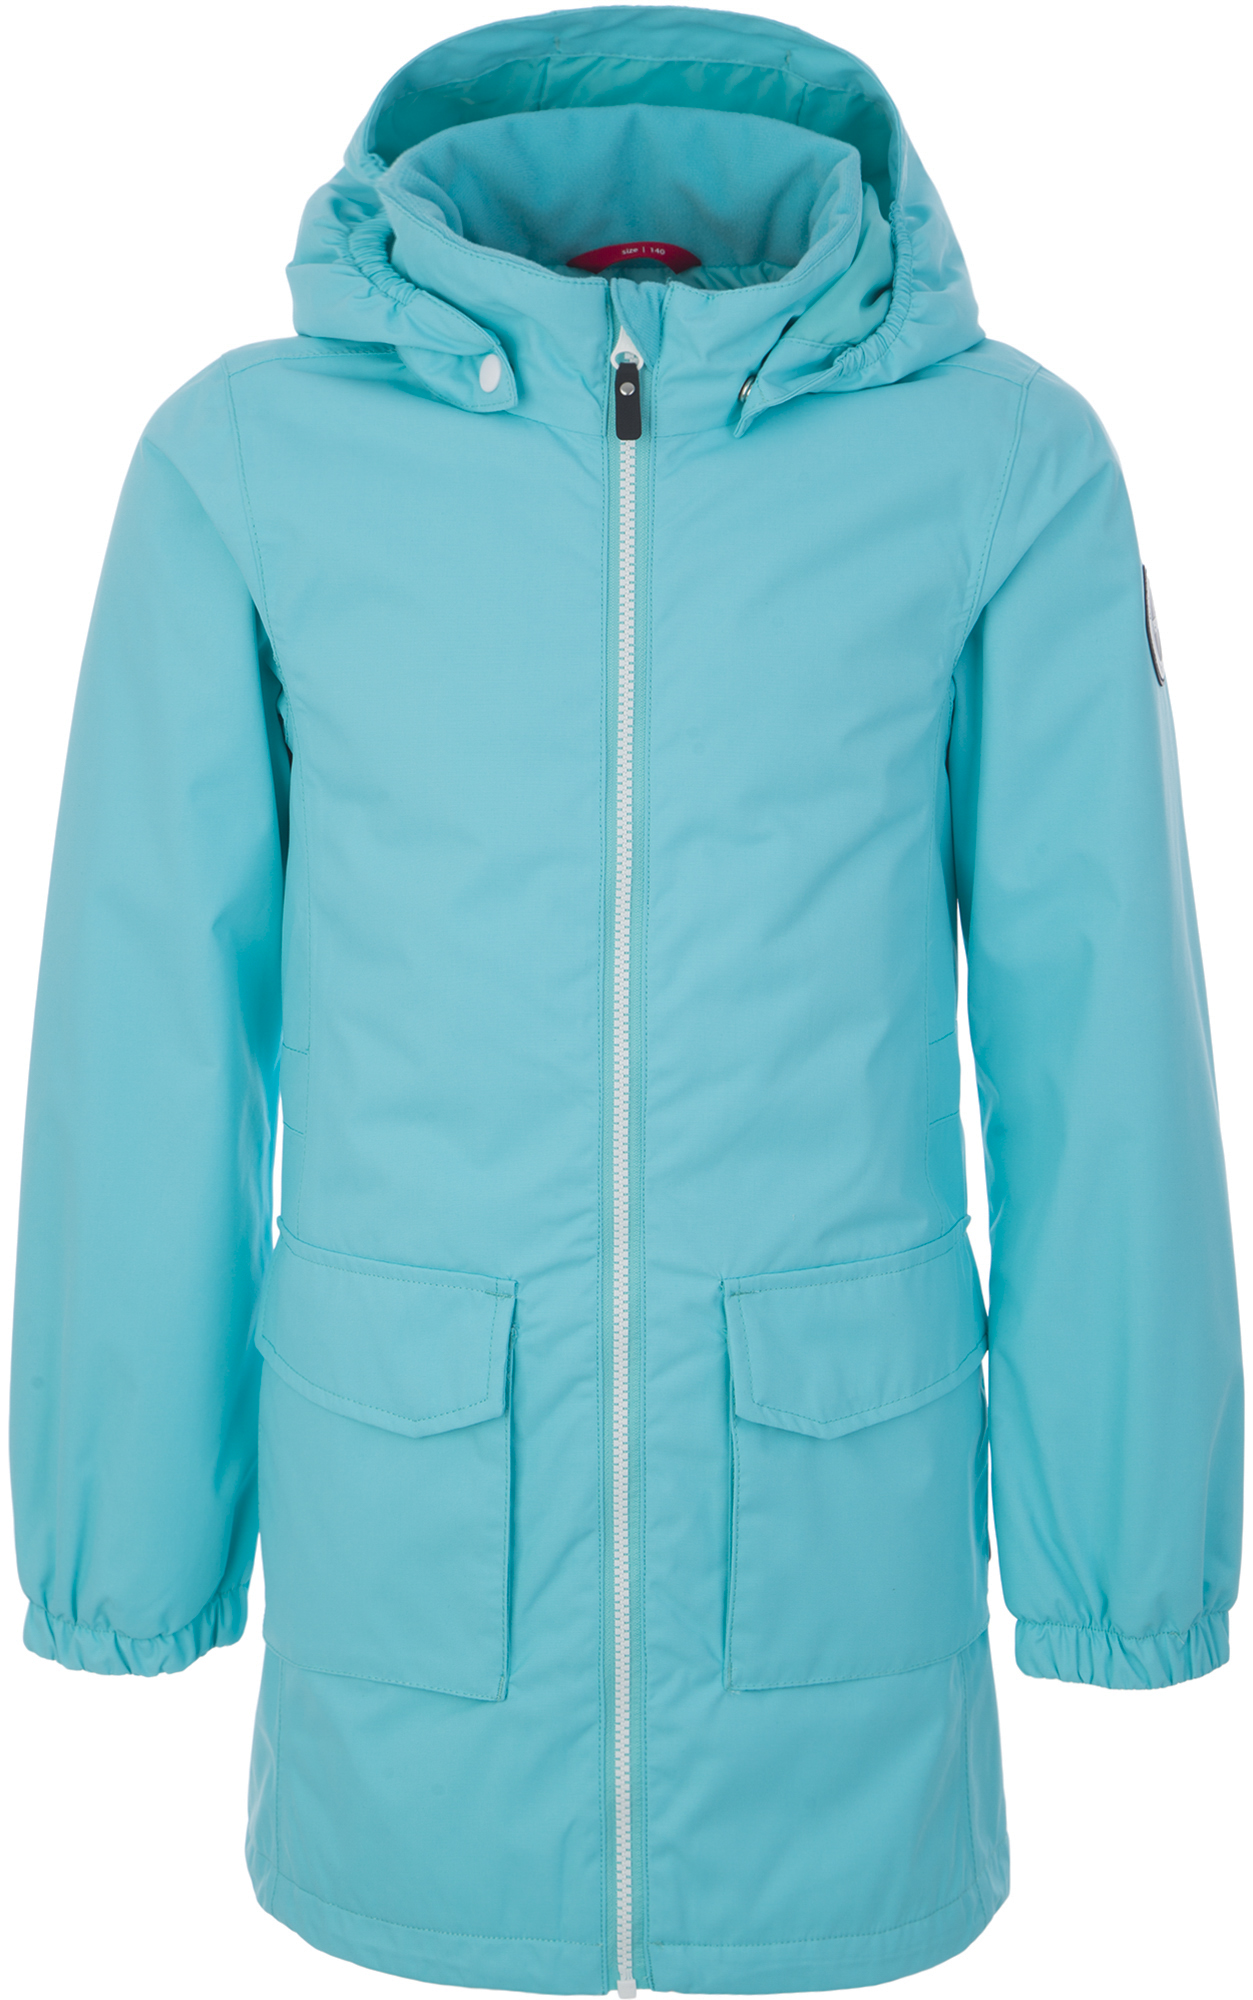 Reima Куртка утепленная для девочек Reima Satama, размер 146 цена